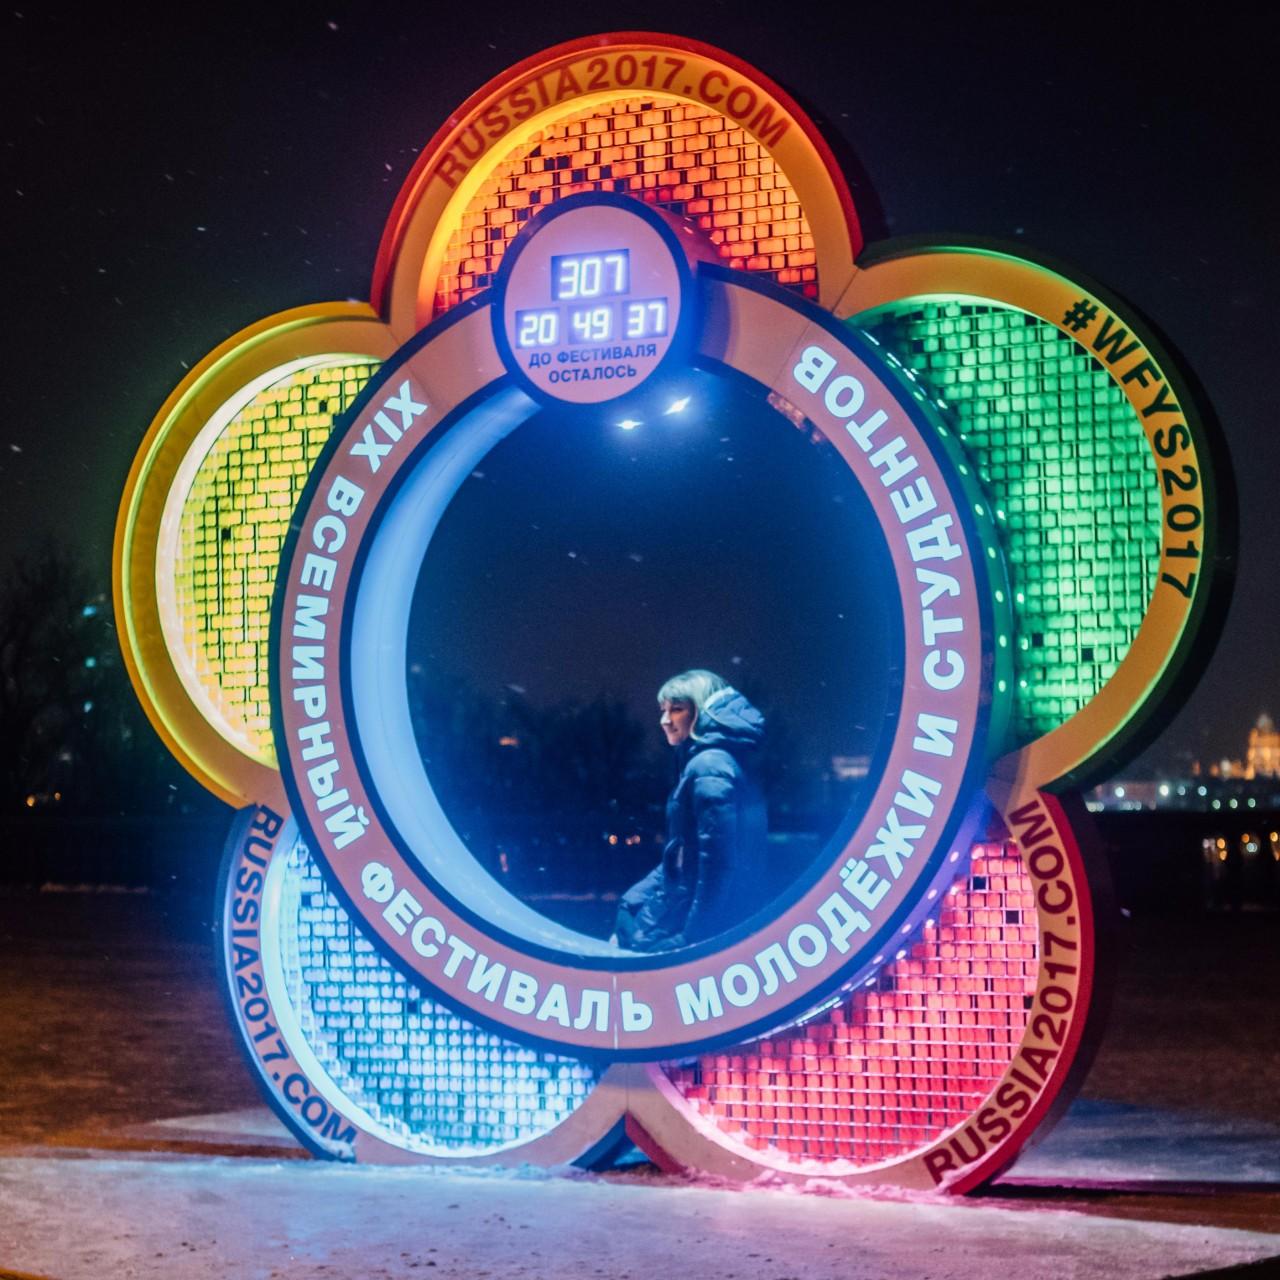 Всемирный фестиваль молодёжи в Сочи